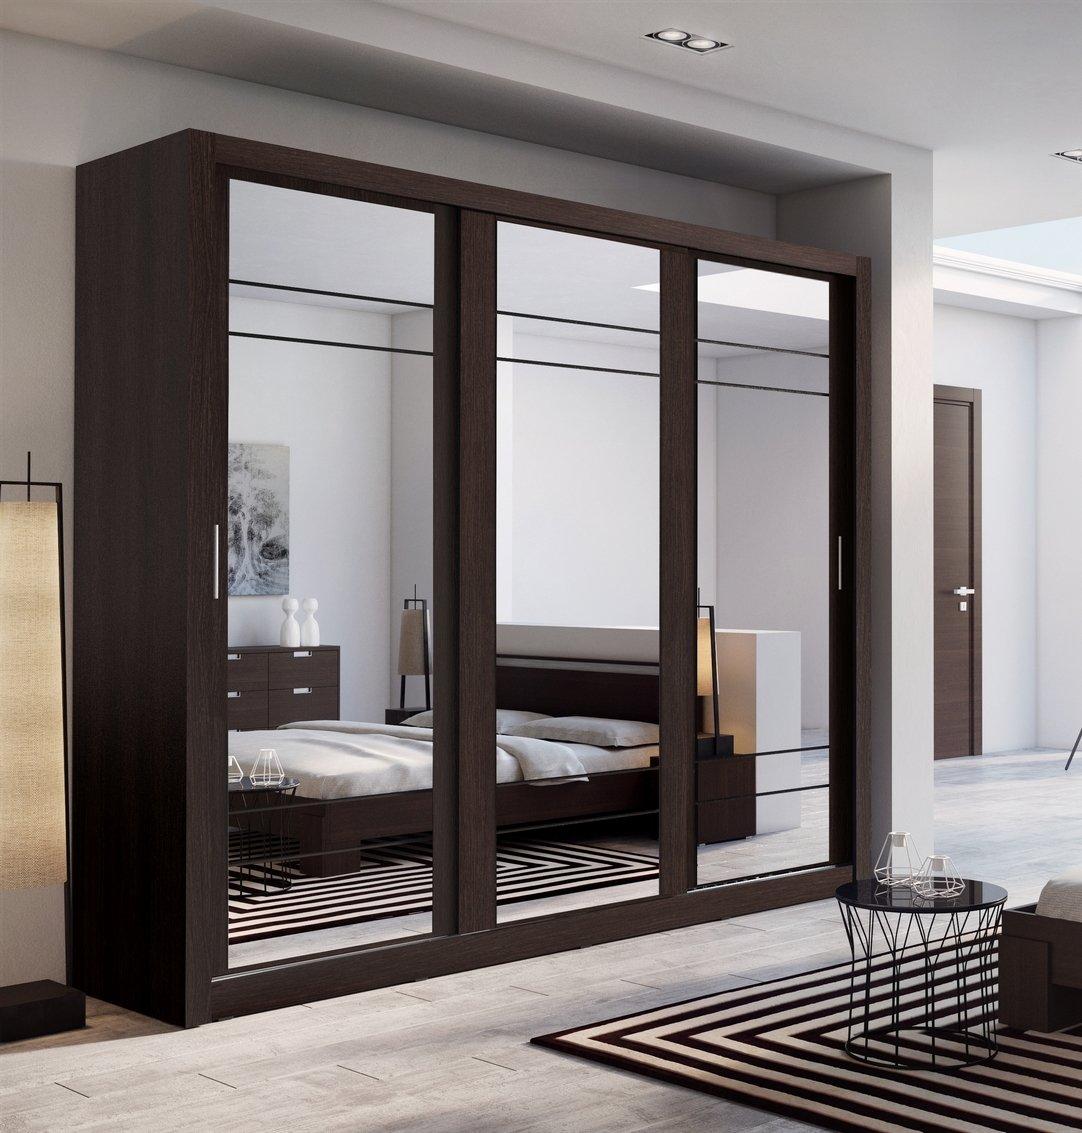 Wardrobe German Made Walnut Black Wimex 5 Doors 3 Drawers 7 Star